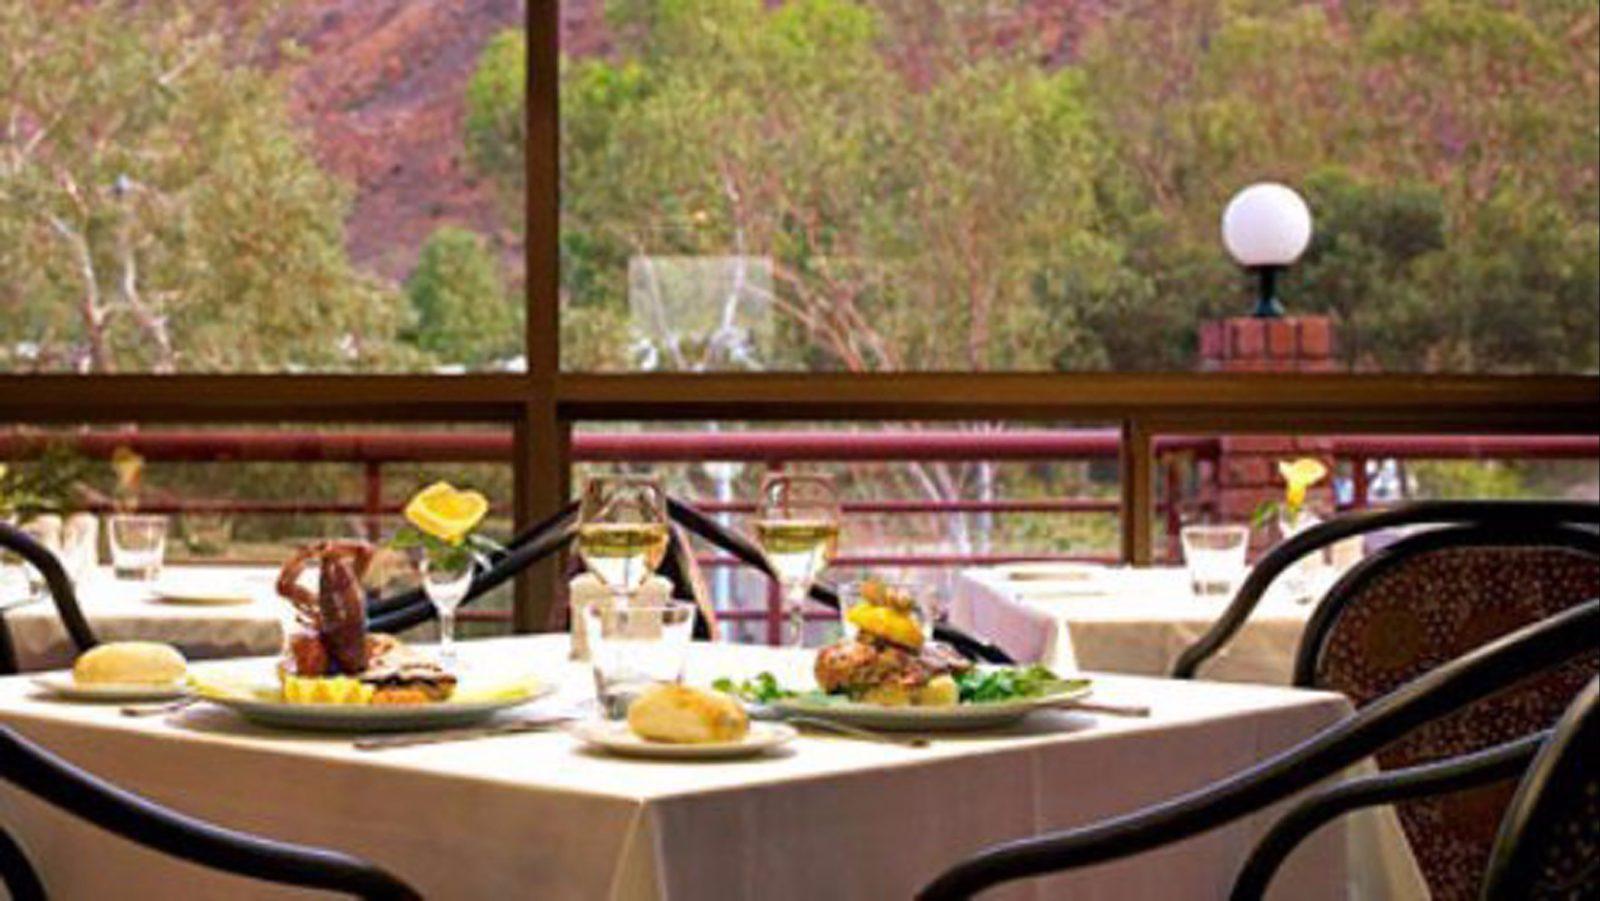 Sunaraas Gourmet Bistro and Bar